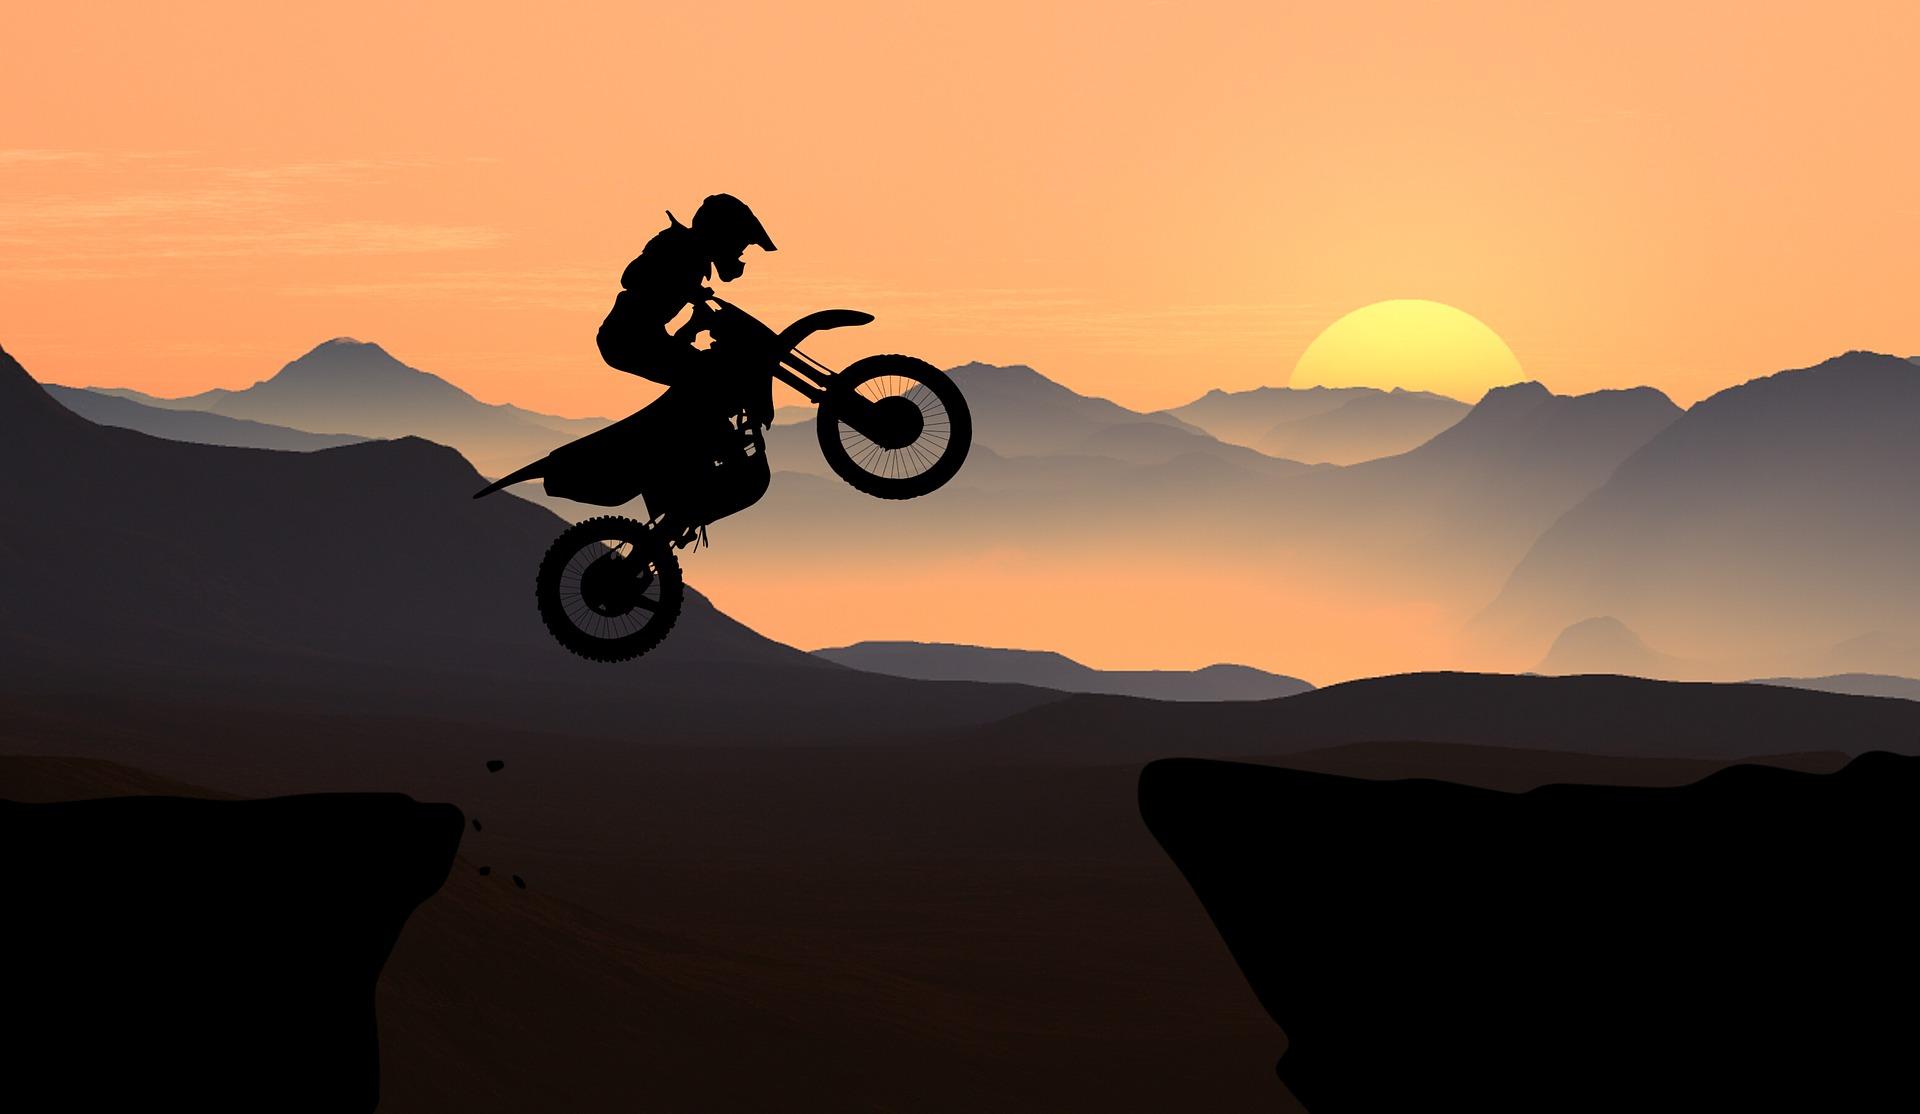 motorcycle-4008900_1920.jpg